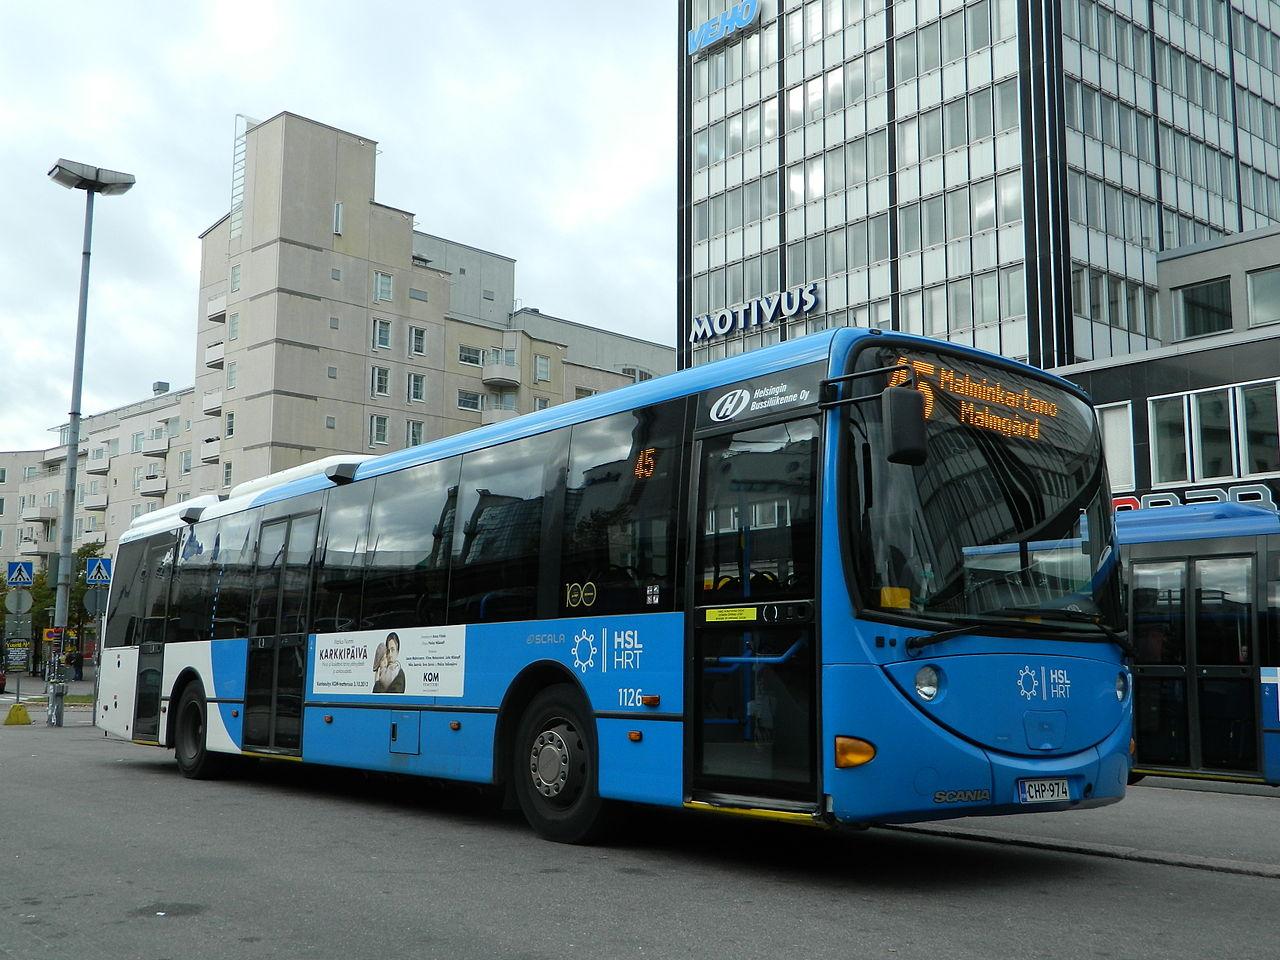 「フィンランド バス プラエ」の画像検索結果